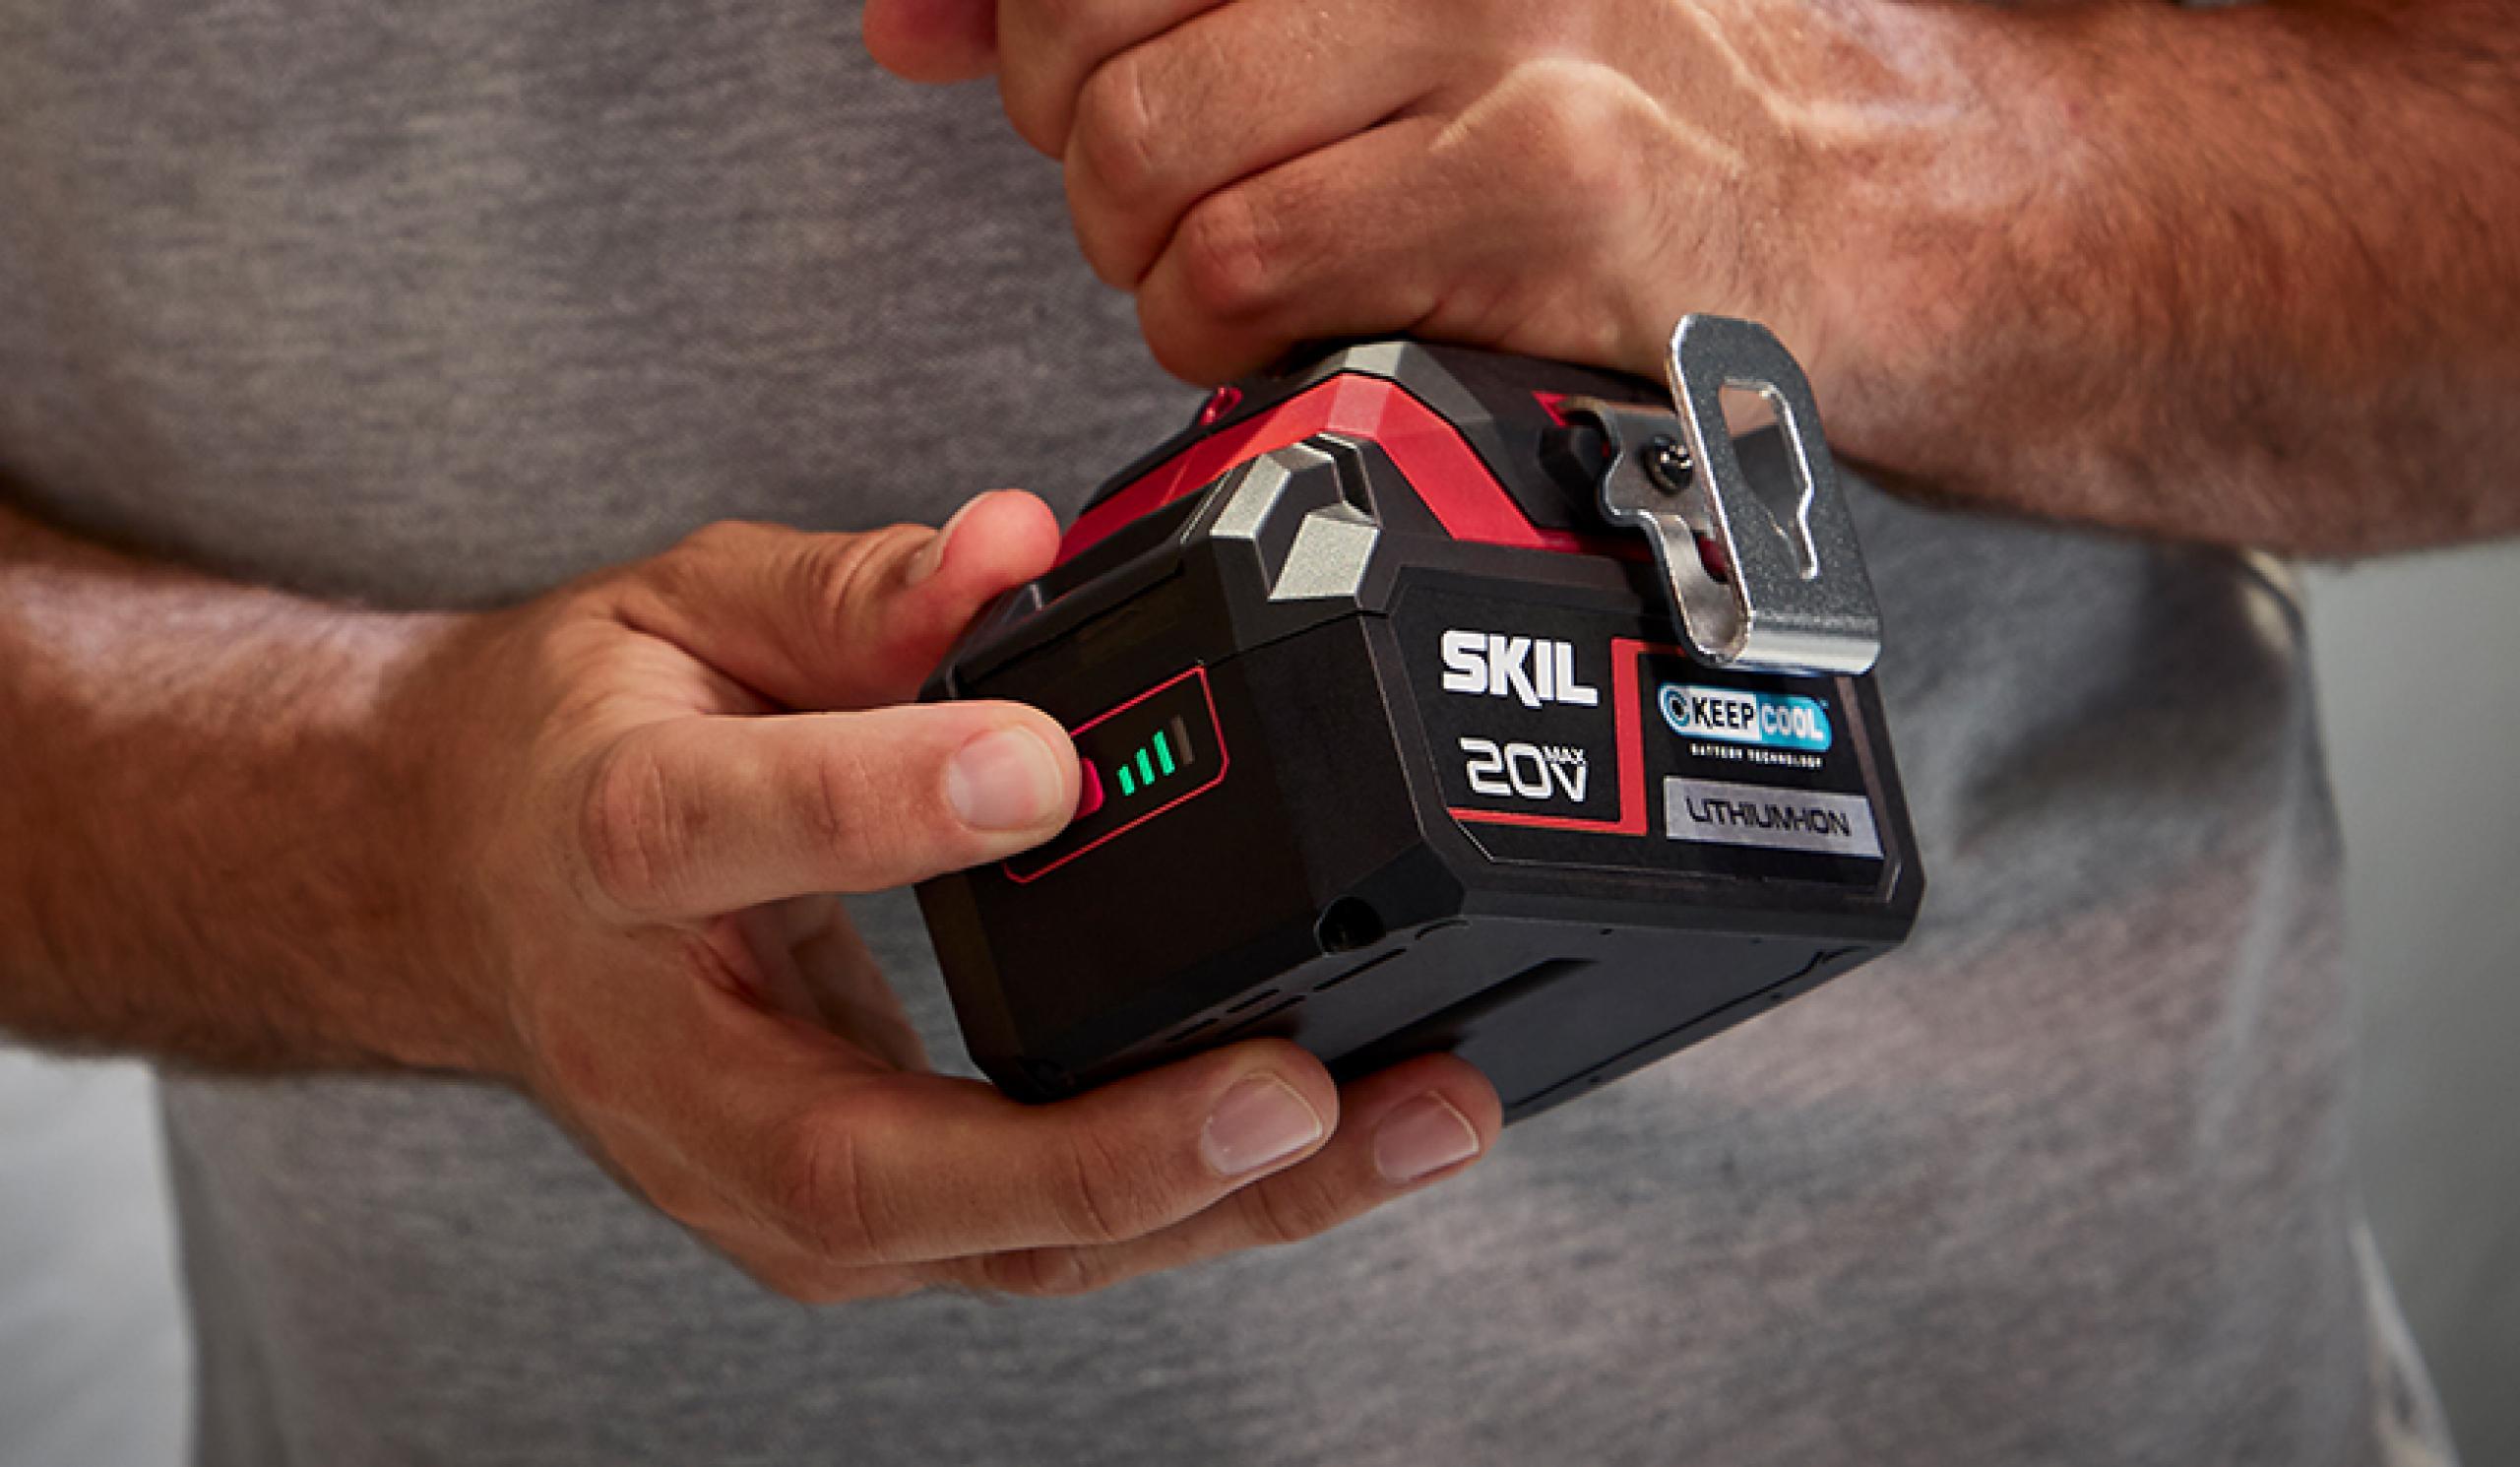 Patentovaný indikátor úrovne batérie: indikátor, ktorému môžete dôverovať